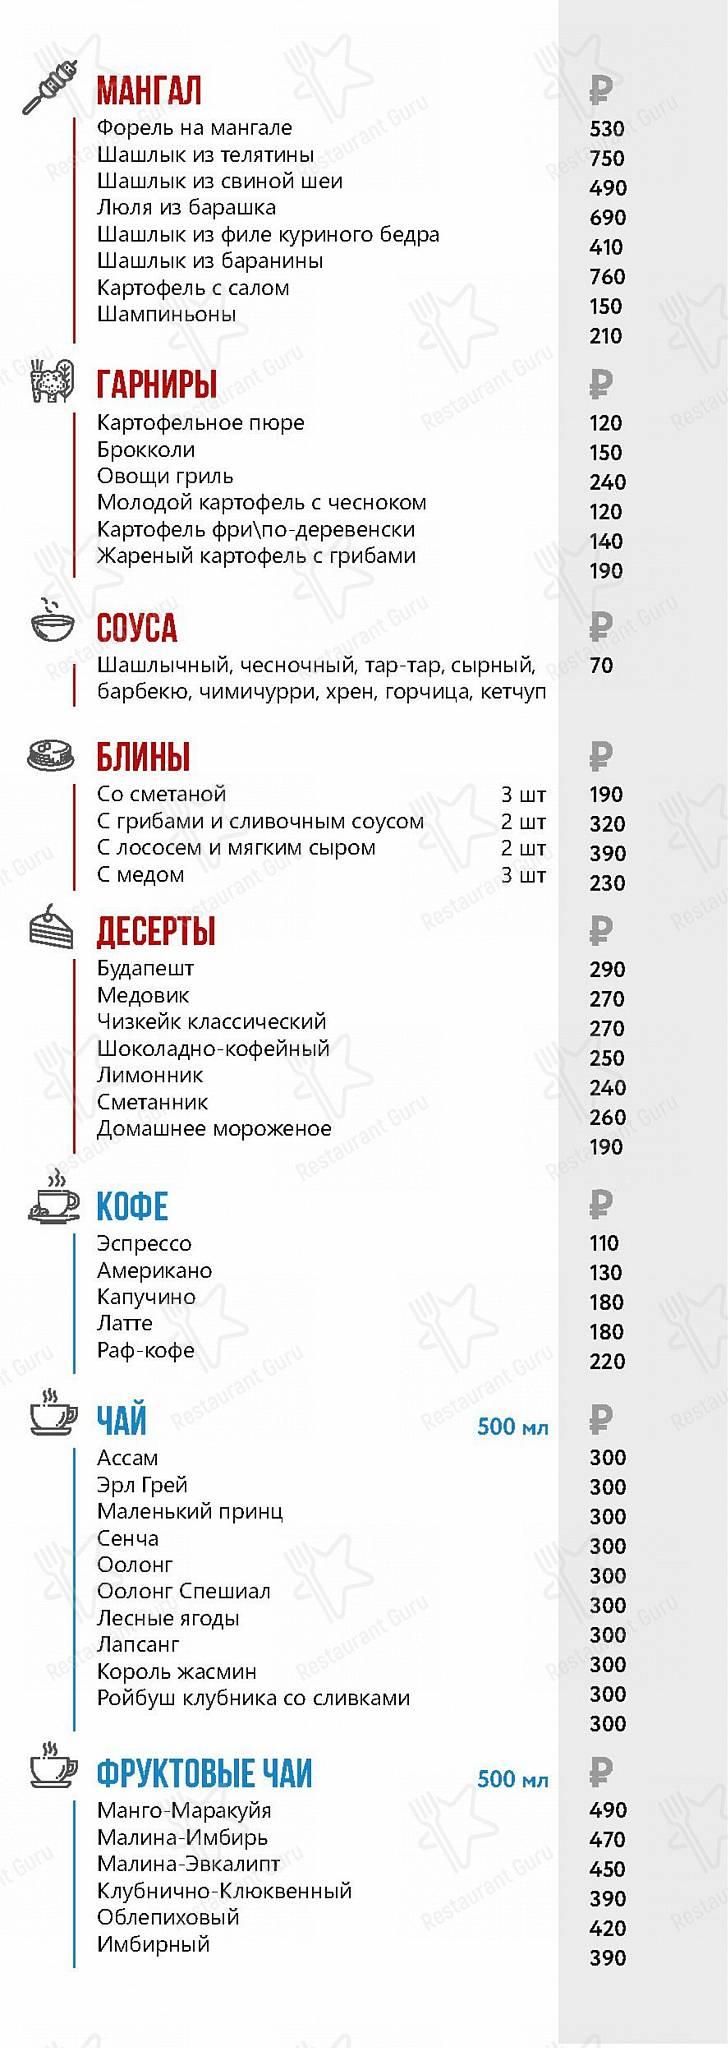 Основное меню кафе Русь